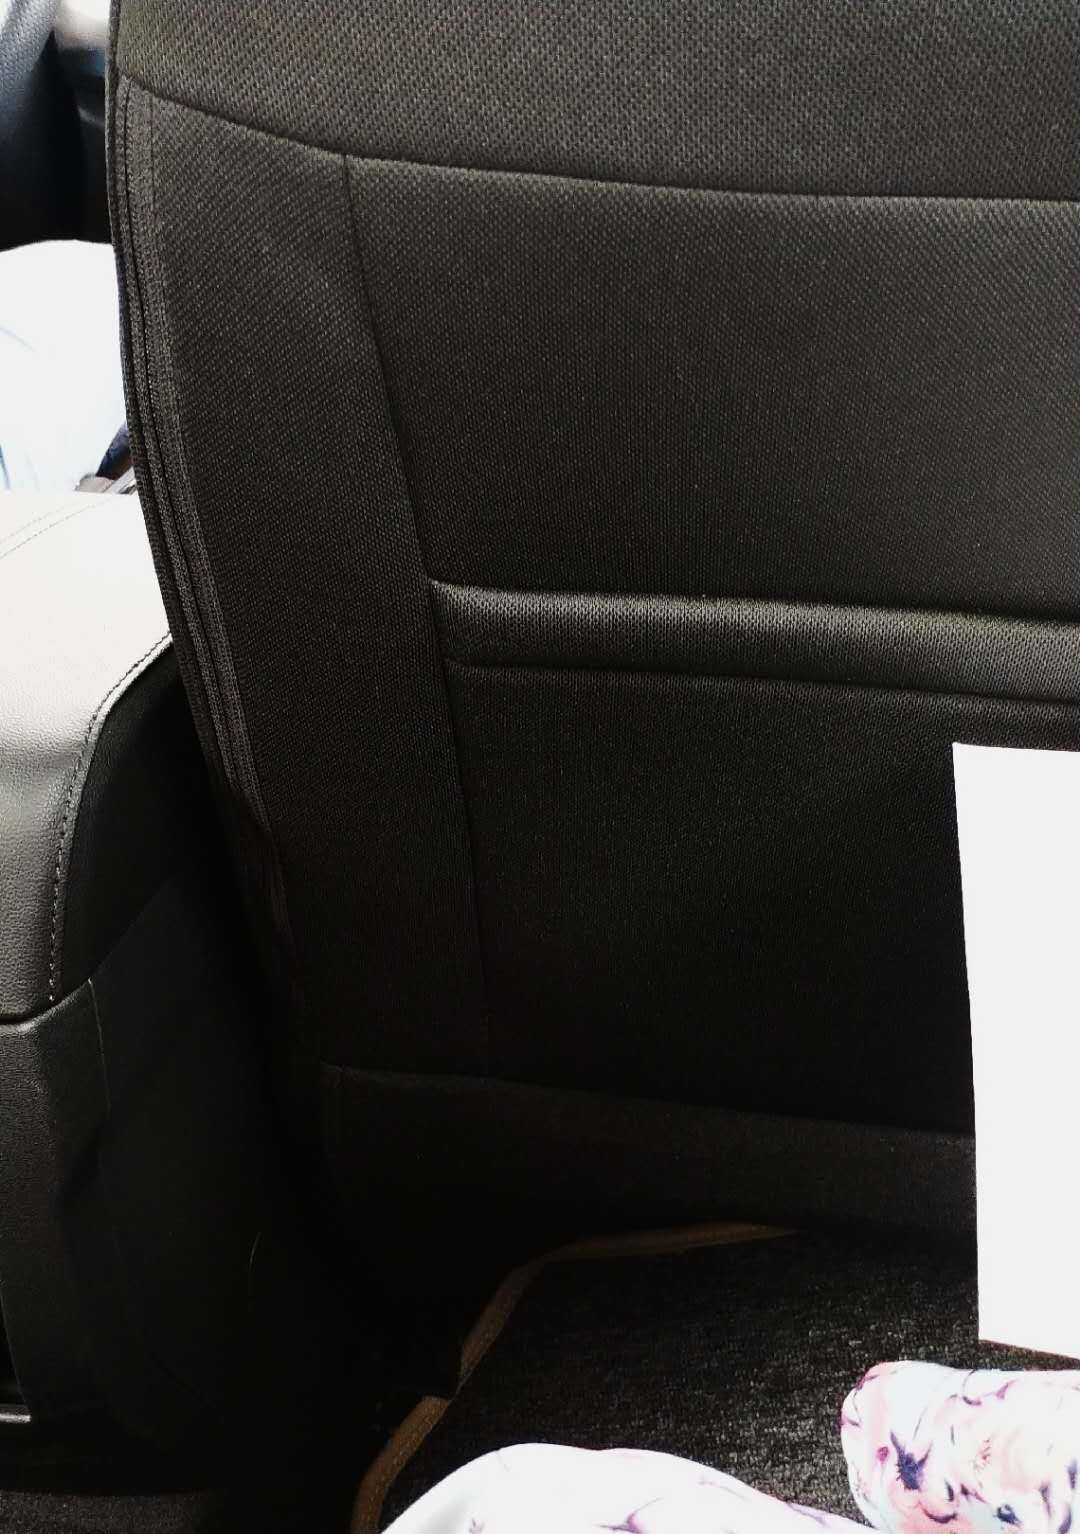 续航8折不存在,北汽新能源EX5实力演绎什么叫高续航SUV!